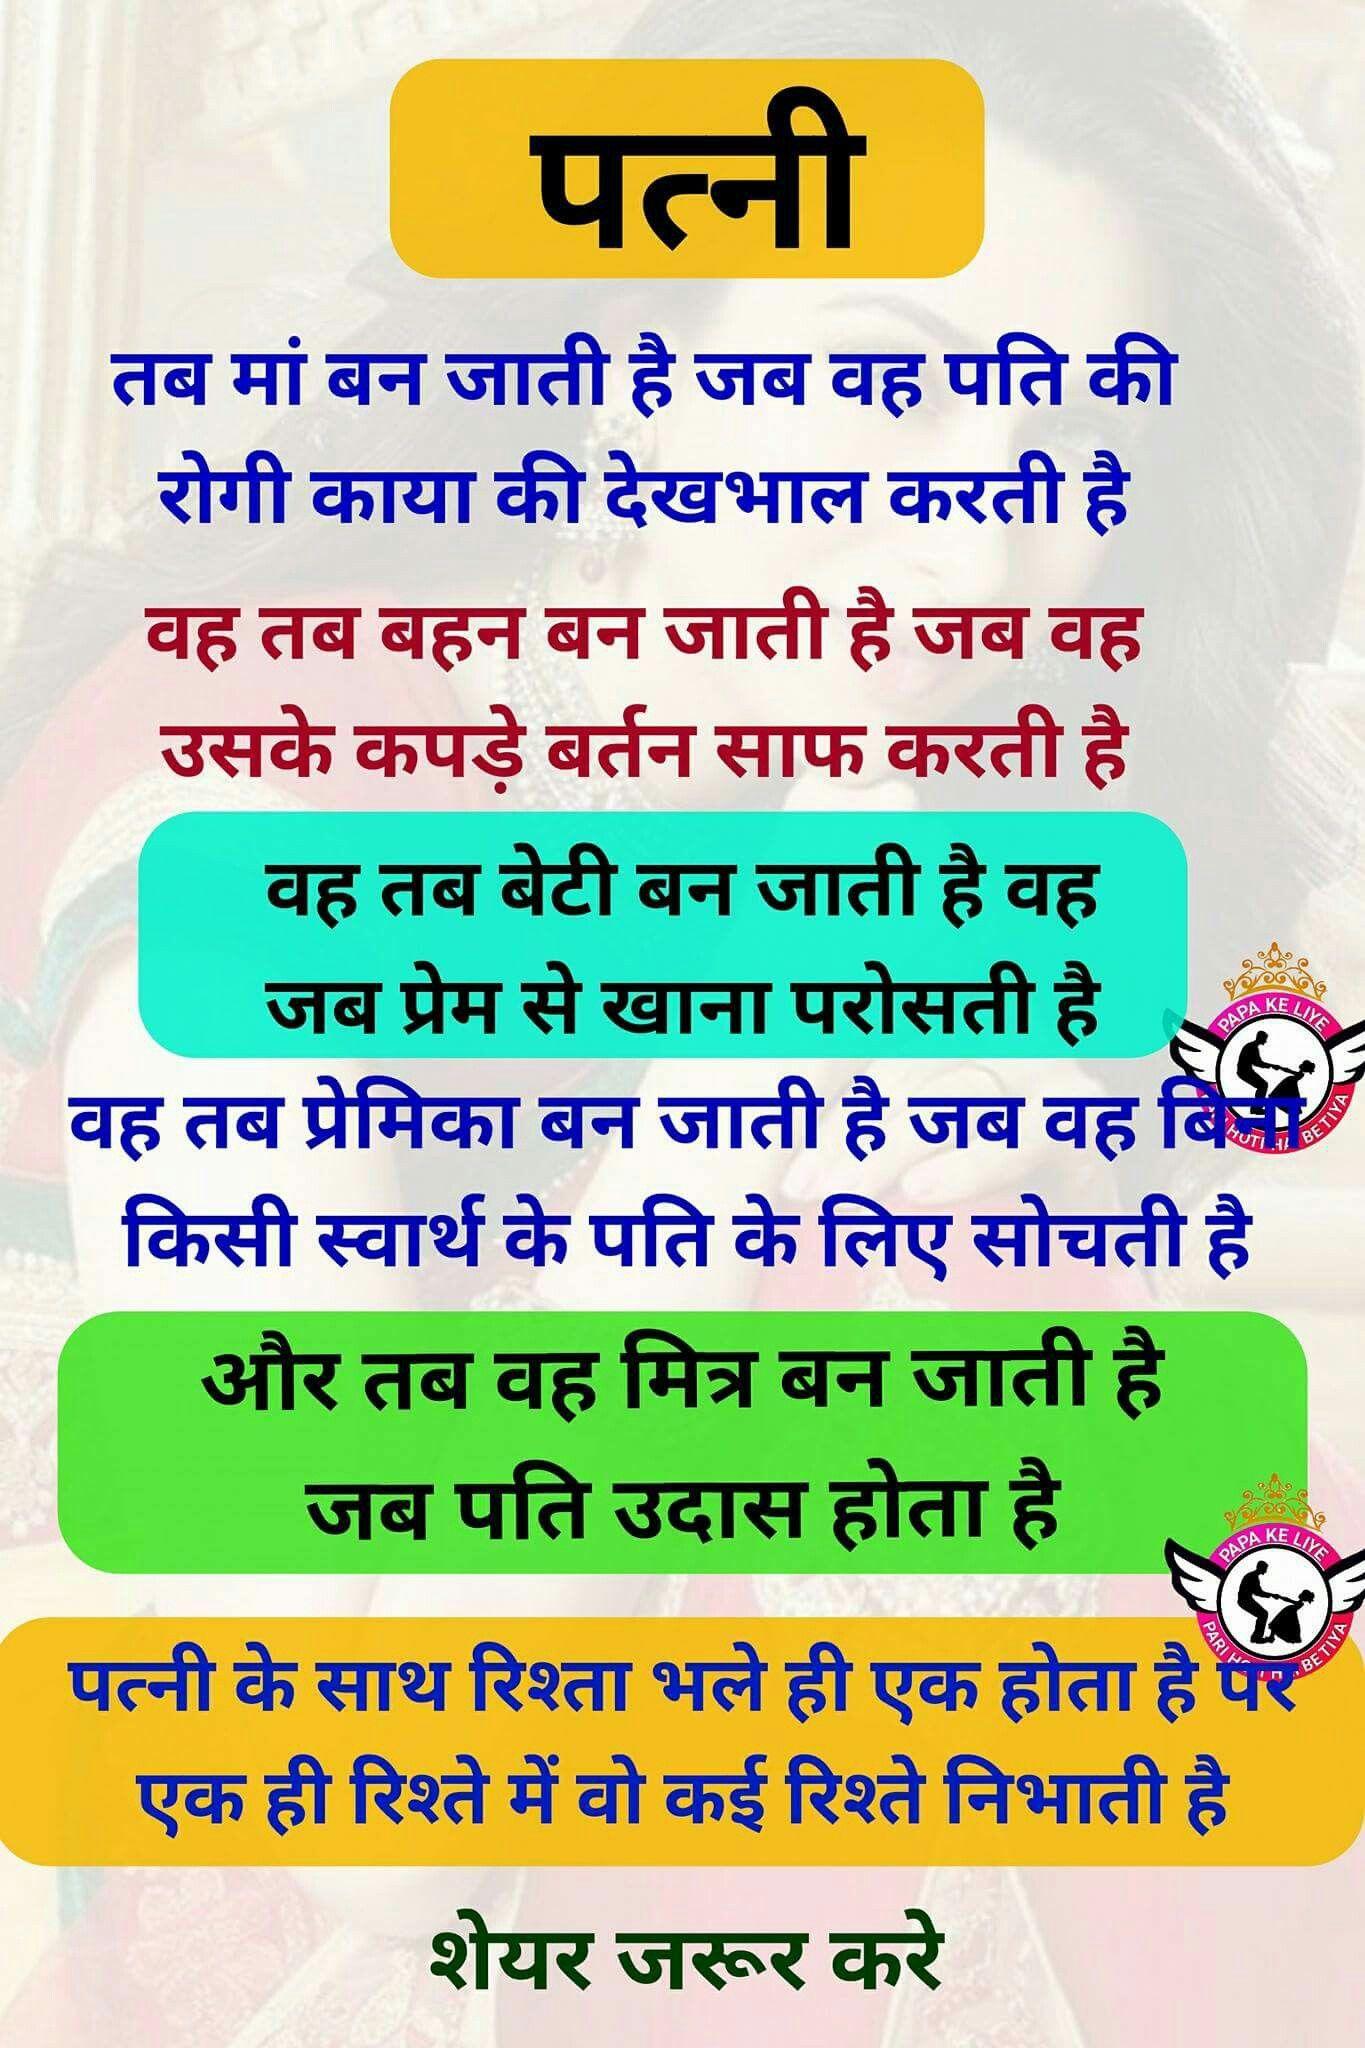 She Quotes In Hindi Hindi Quotes Pinterest Hindi Quotes